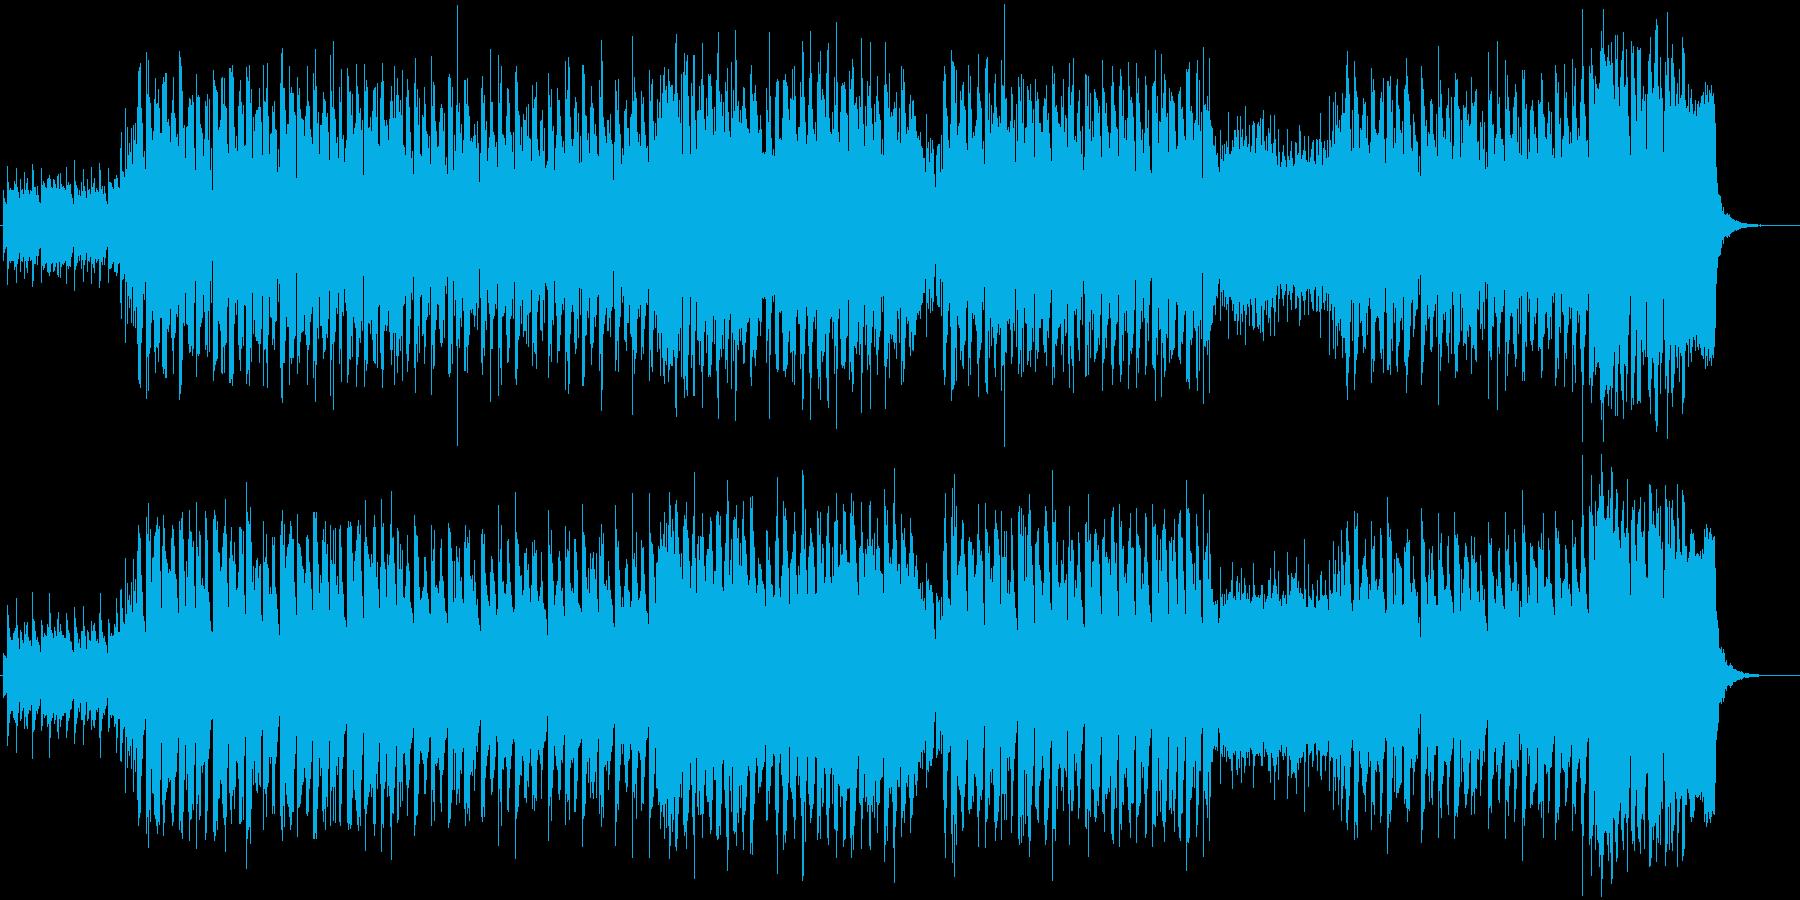 ピアノバッキングの疾走感あるEDMの再生済みの波形